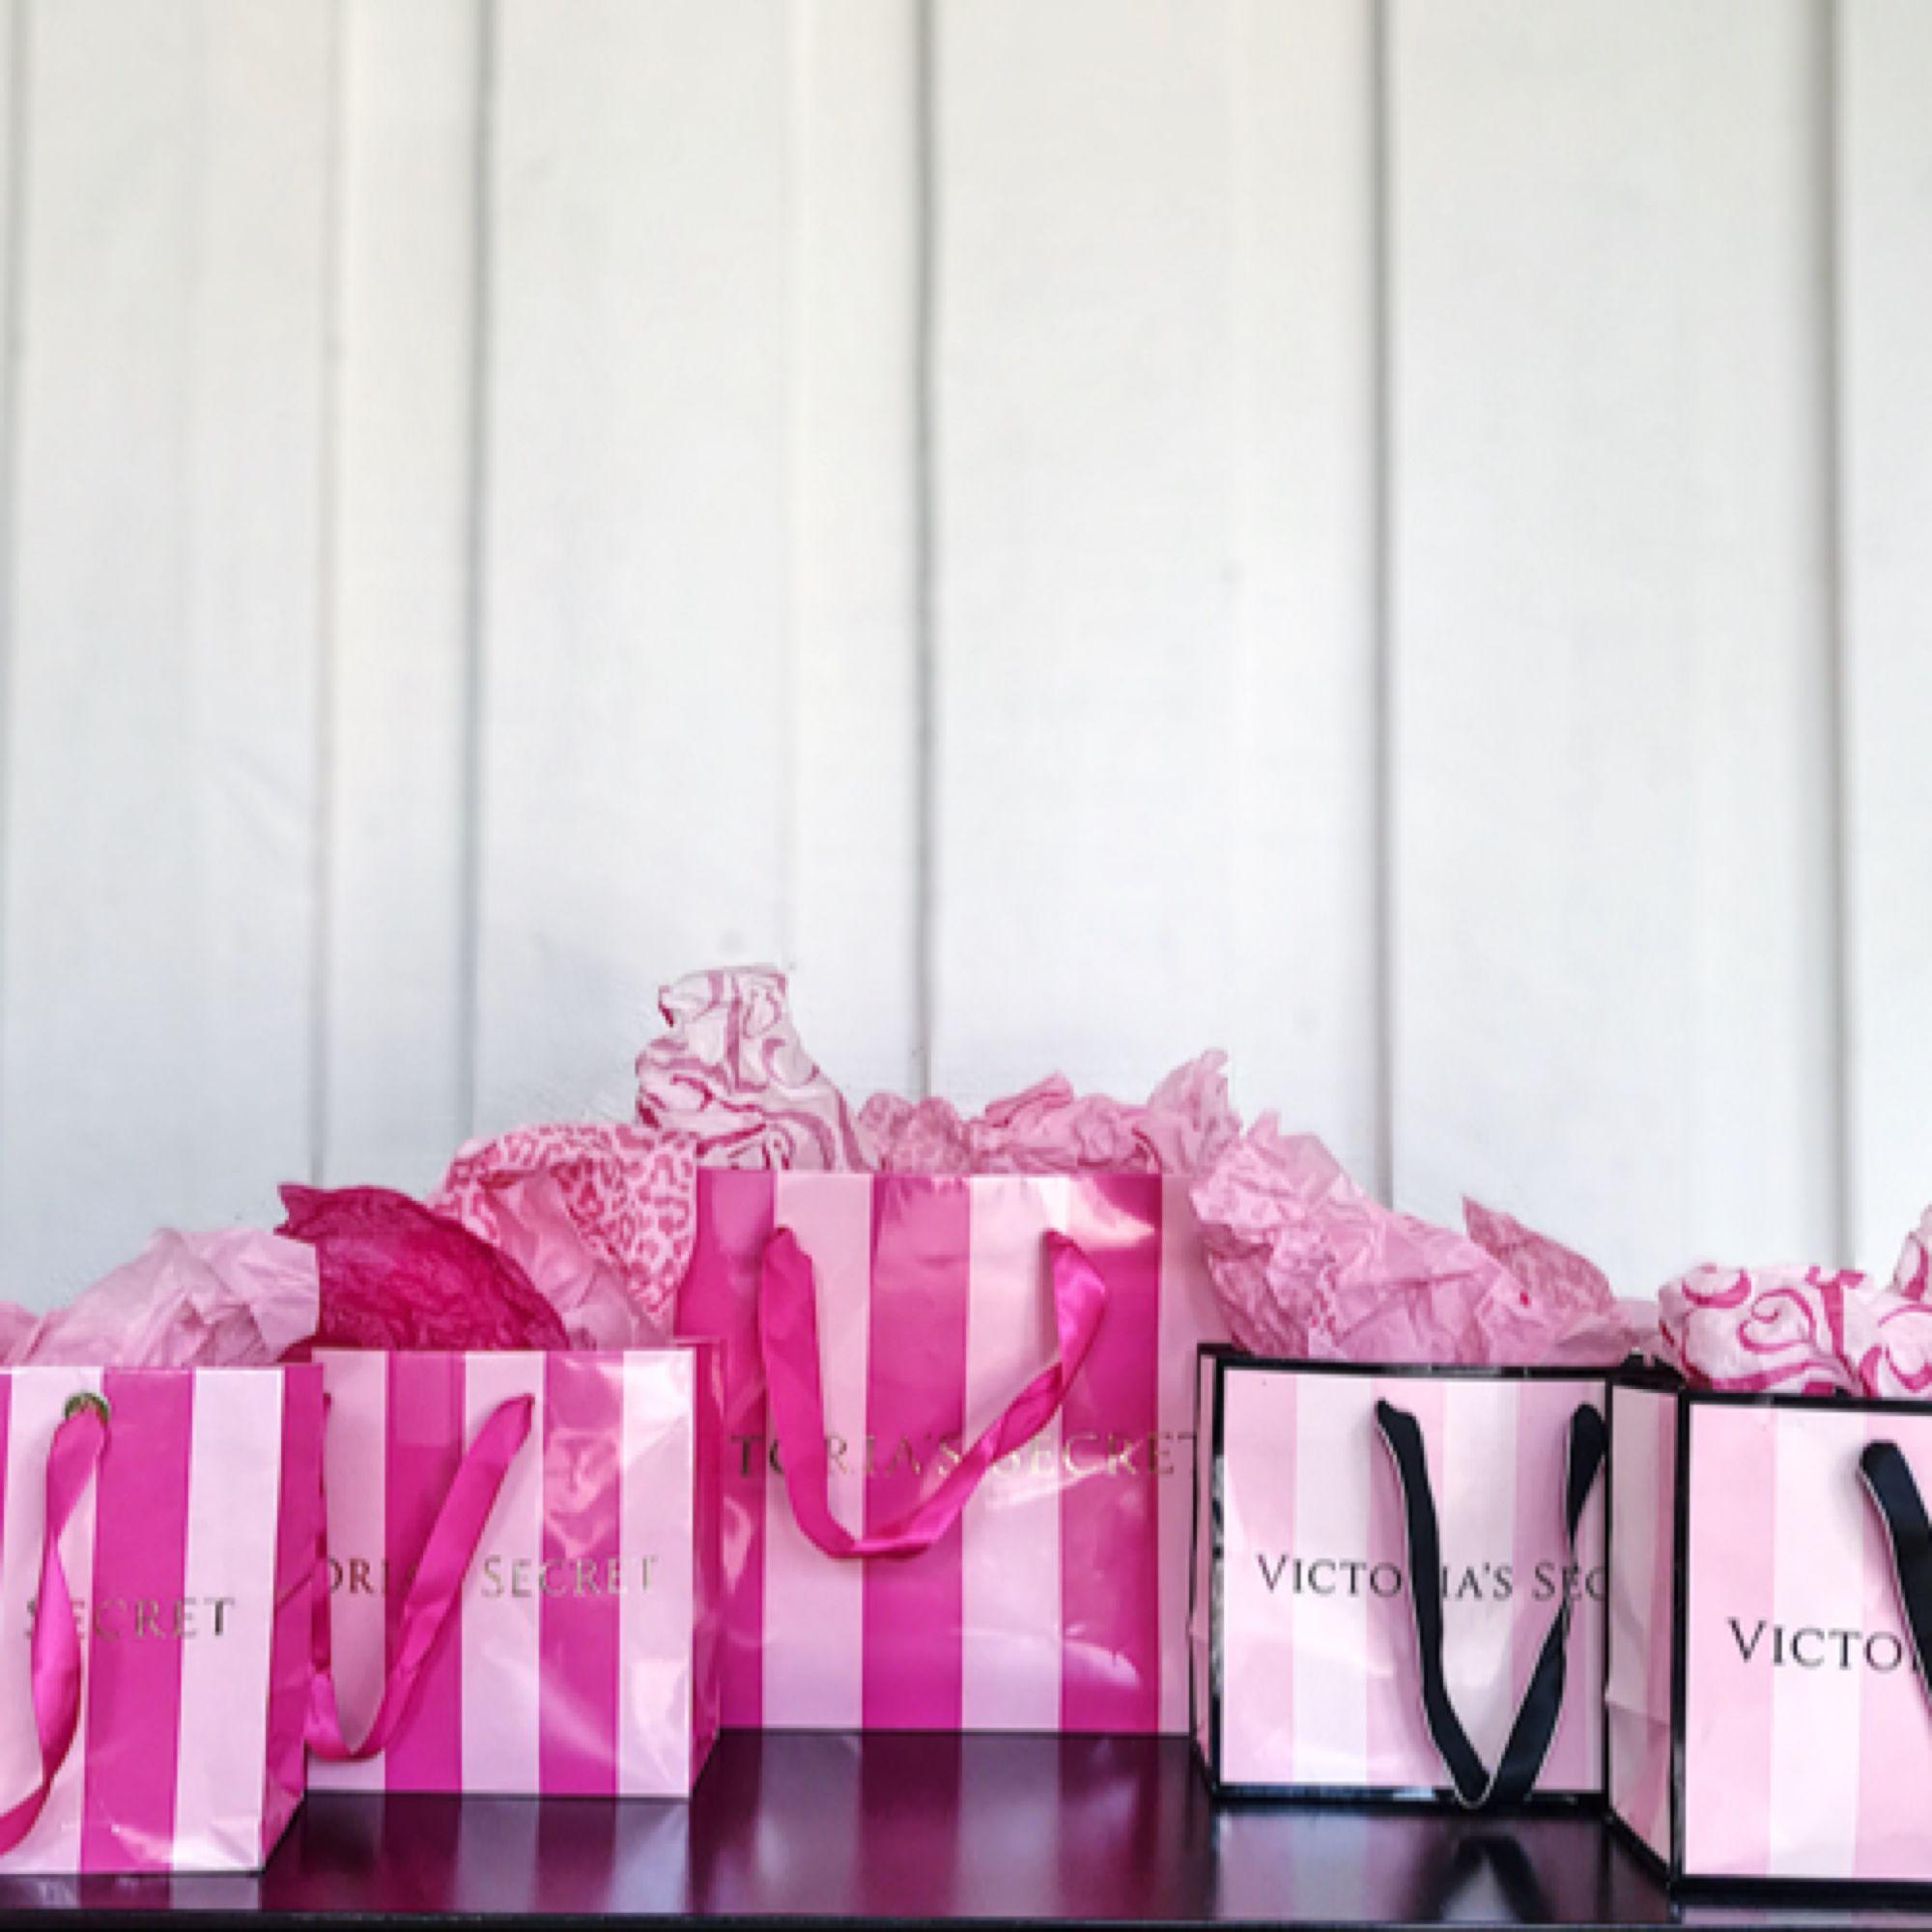 40kr styck  4 Små 1 Stor Varorna kan säljas ihop eller separat!✨ Rosa papper säljs med påsarna. ✨ Alltid spårbar frakt!✨. Övrigt.